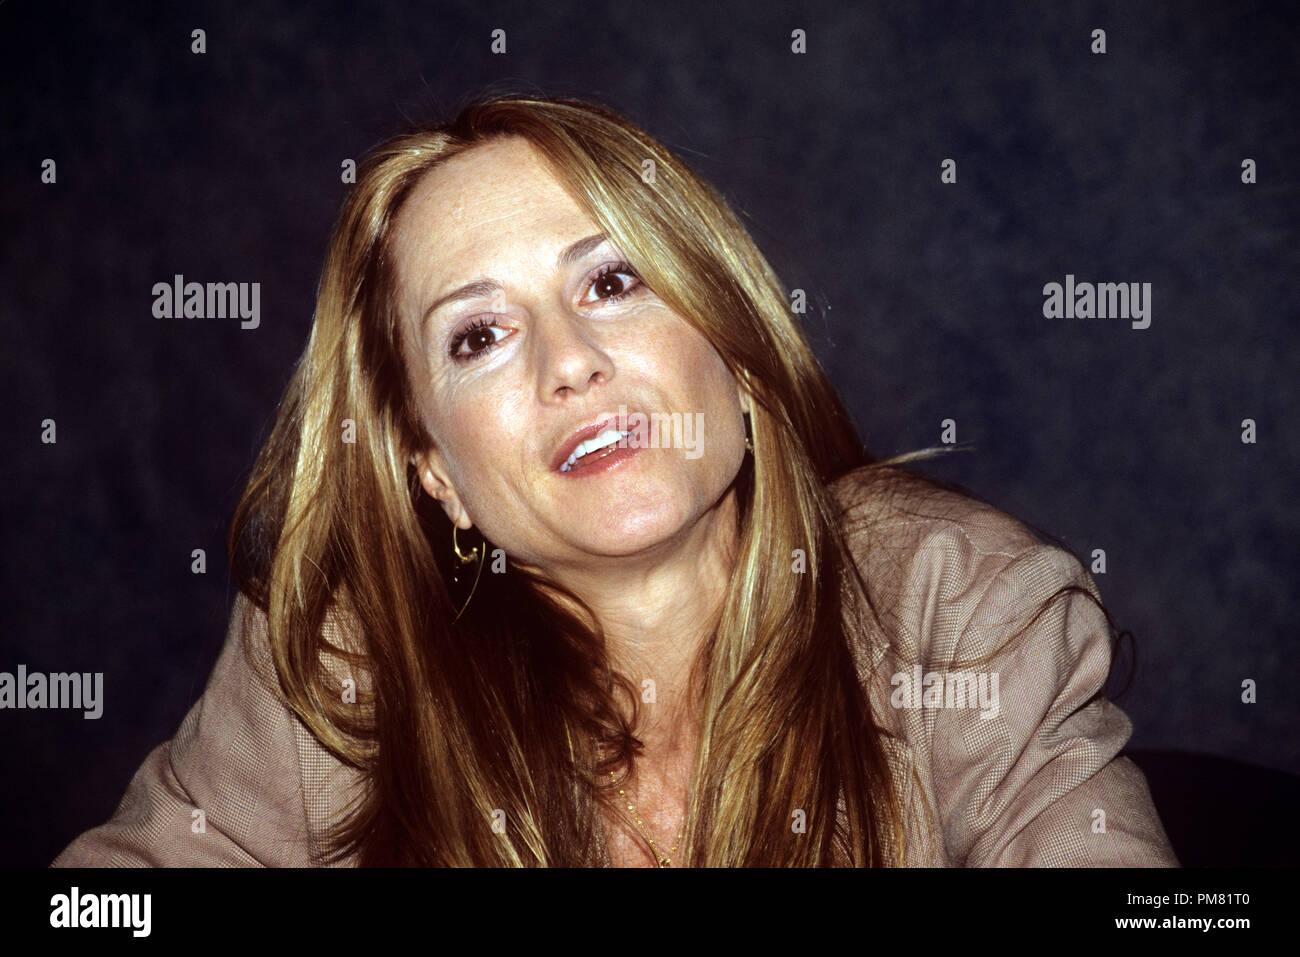 Holly Hunter, 2004. La reproduction par les tabloïds américains est absolument interdit. © CCR /Le Hollywood Archive - Tous droits réservés référence # 31315_063 Photo Stock